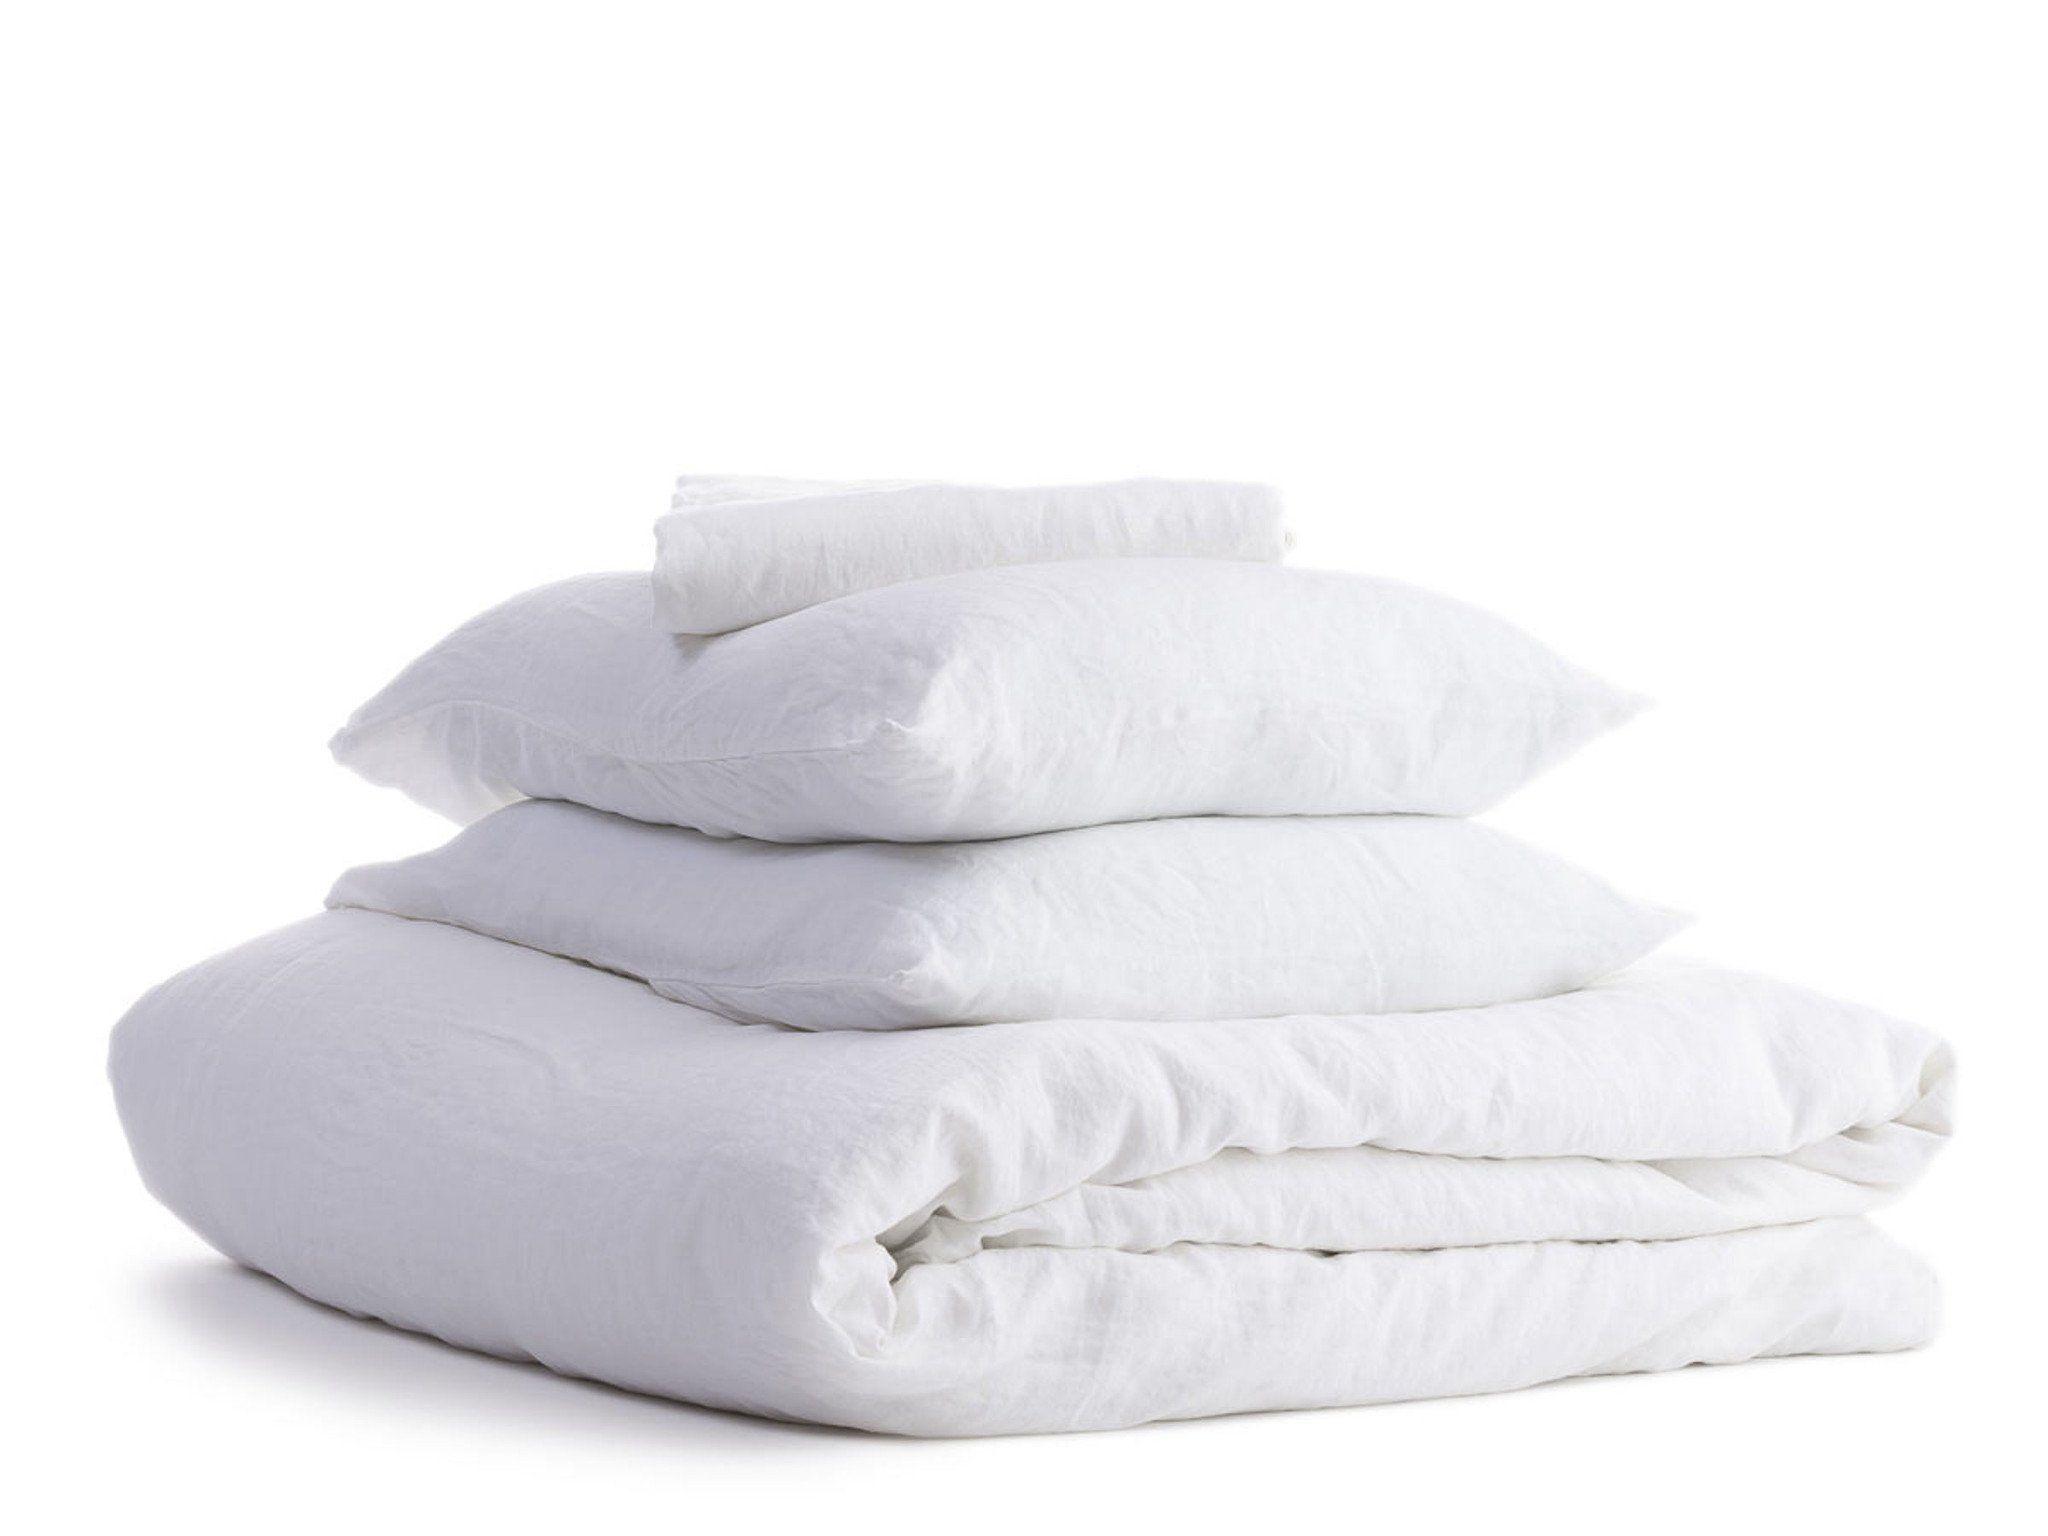 Linen Venice Set Parachute Best Bed Sheets Cheap Bed Linen White Linen Bedding